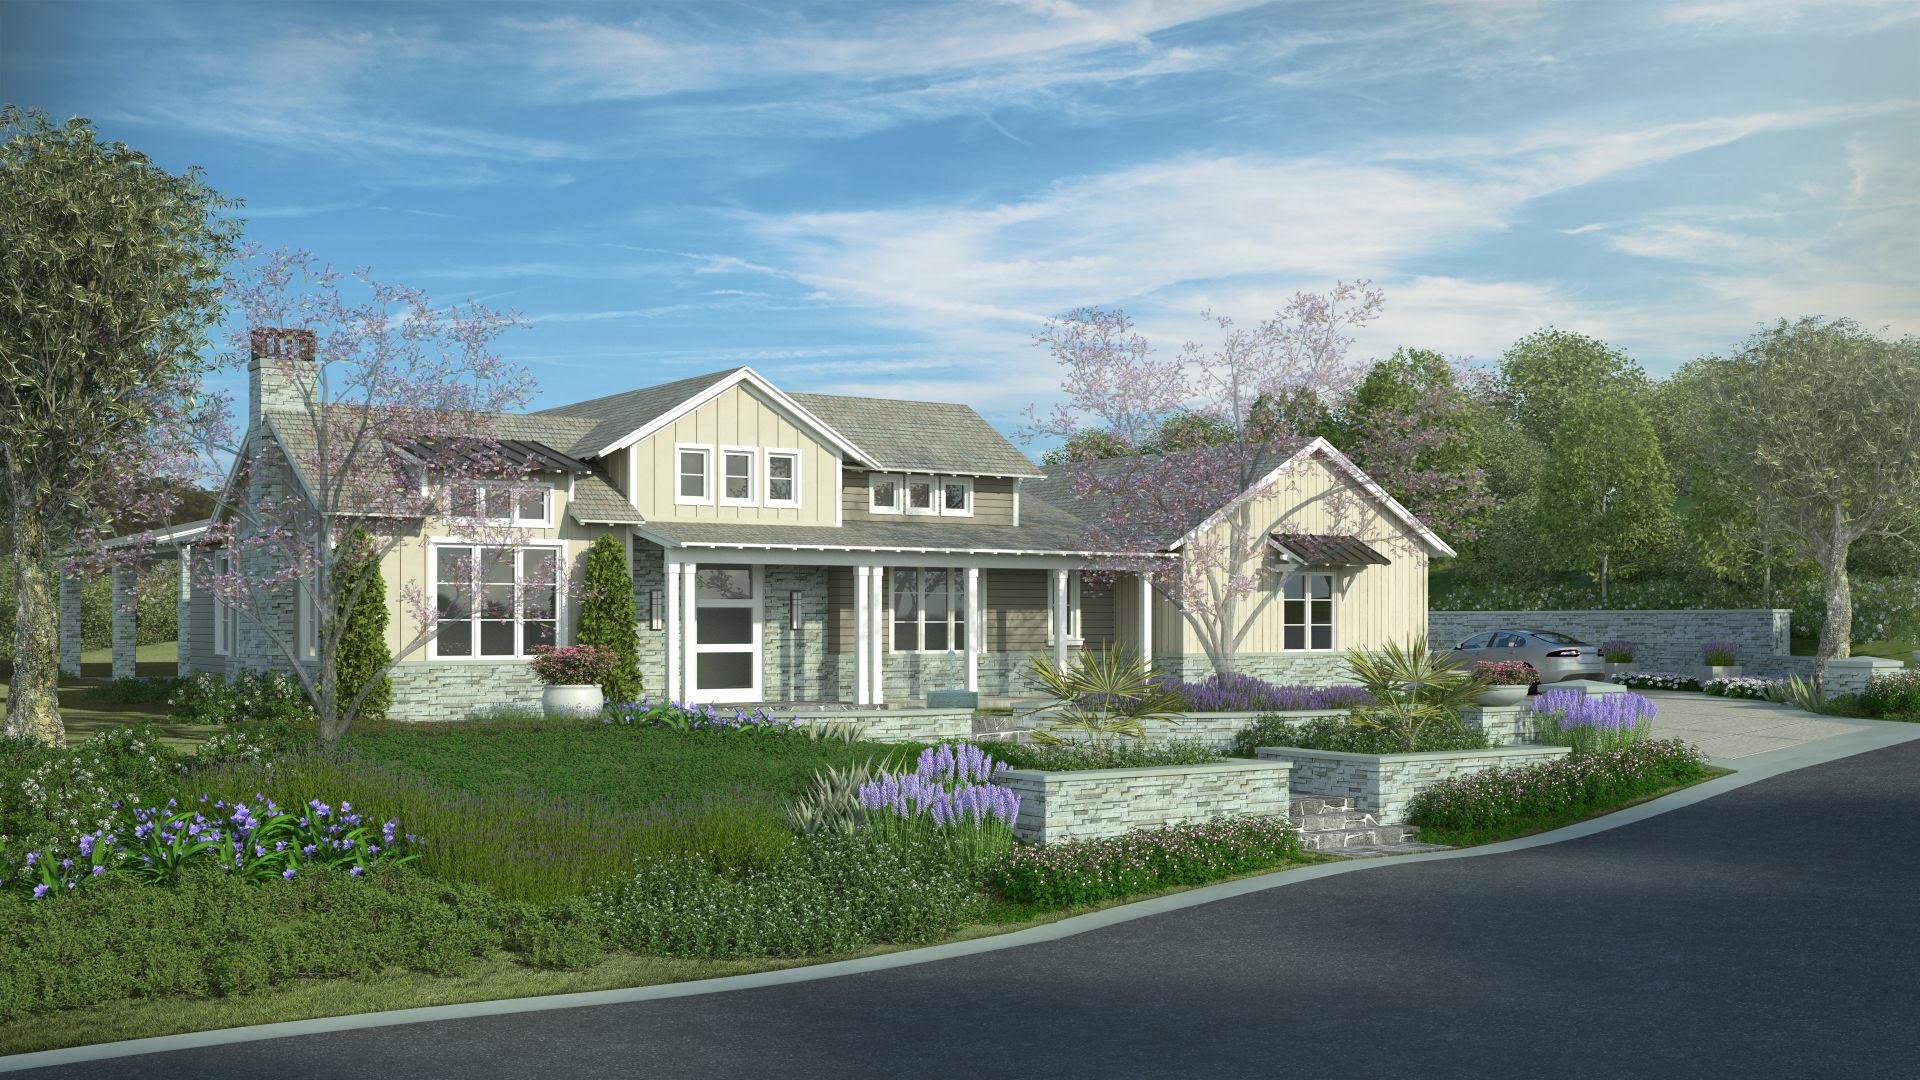 1797 Miller Ranch Dr. in Westlake Village, CA